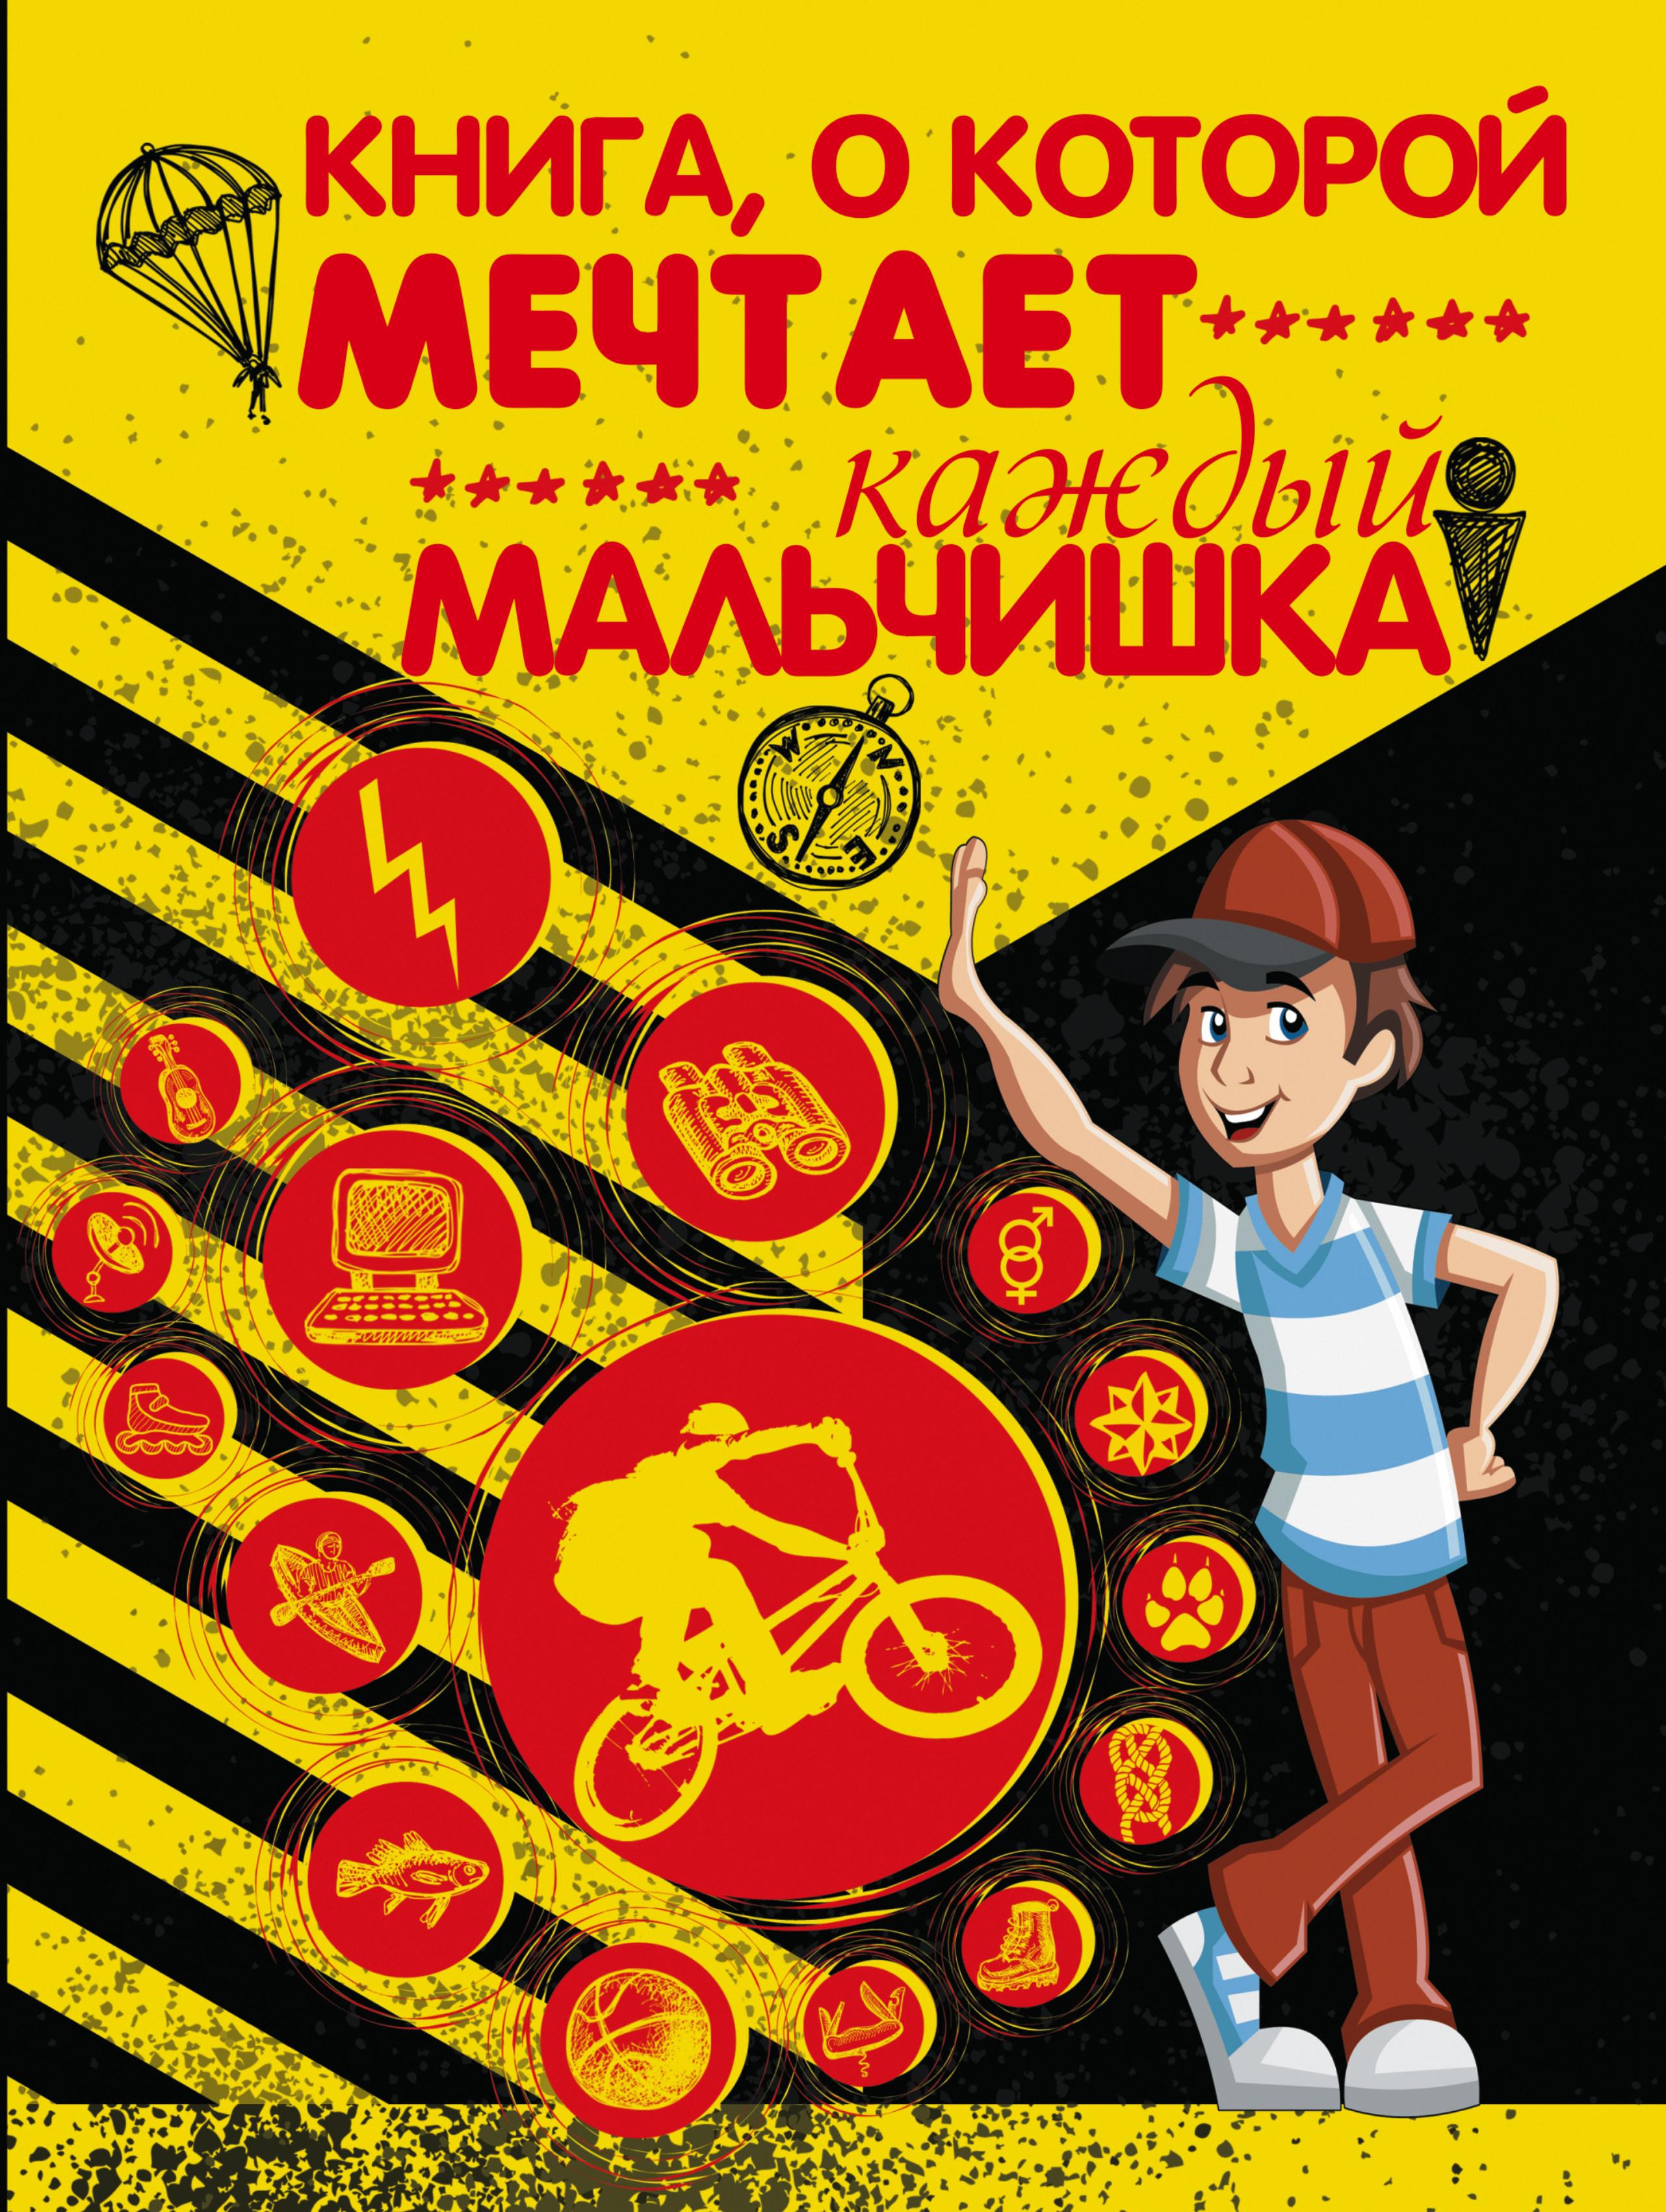 Вайткене Л.Д. Книга, о которой мечтает каждый мальчишка каждый мальчик должен знать